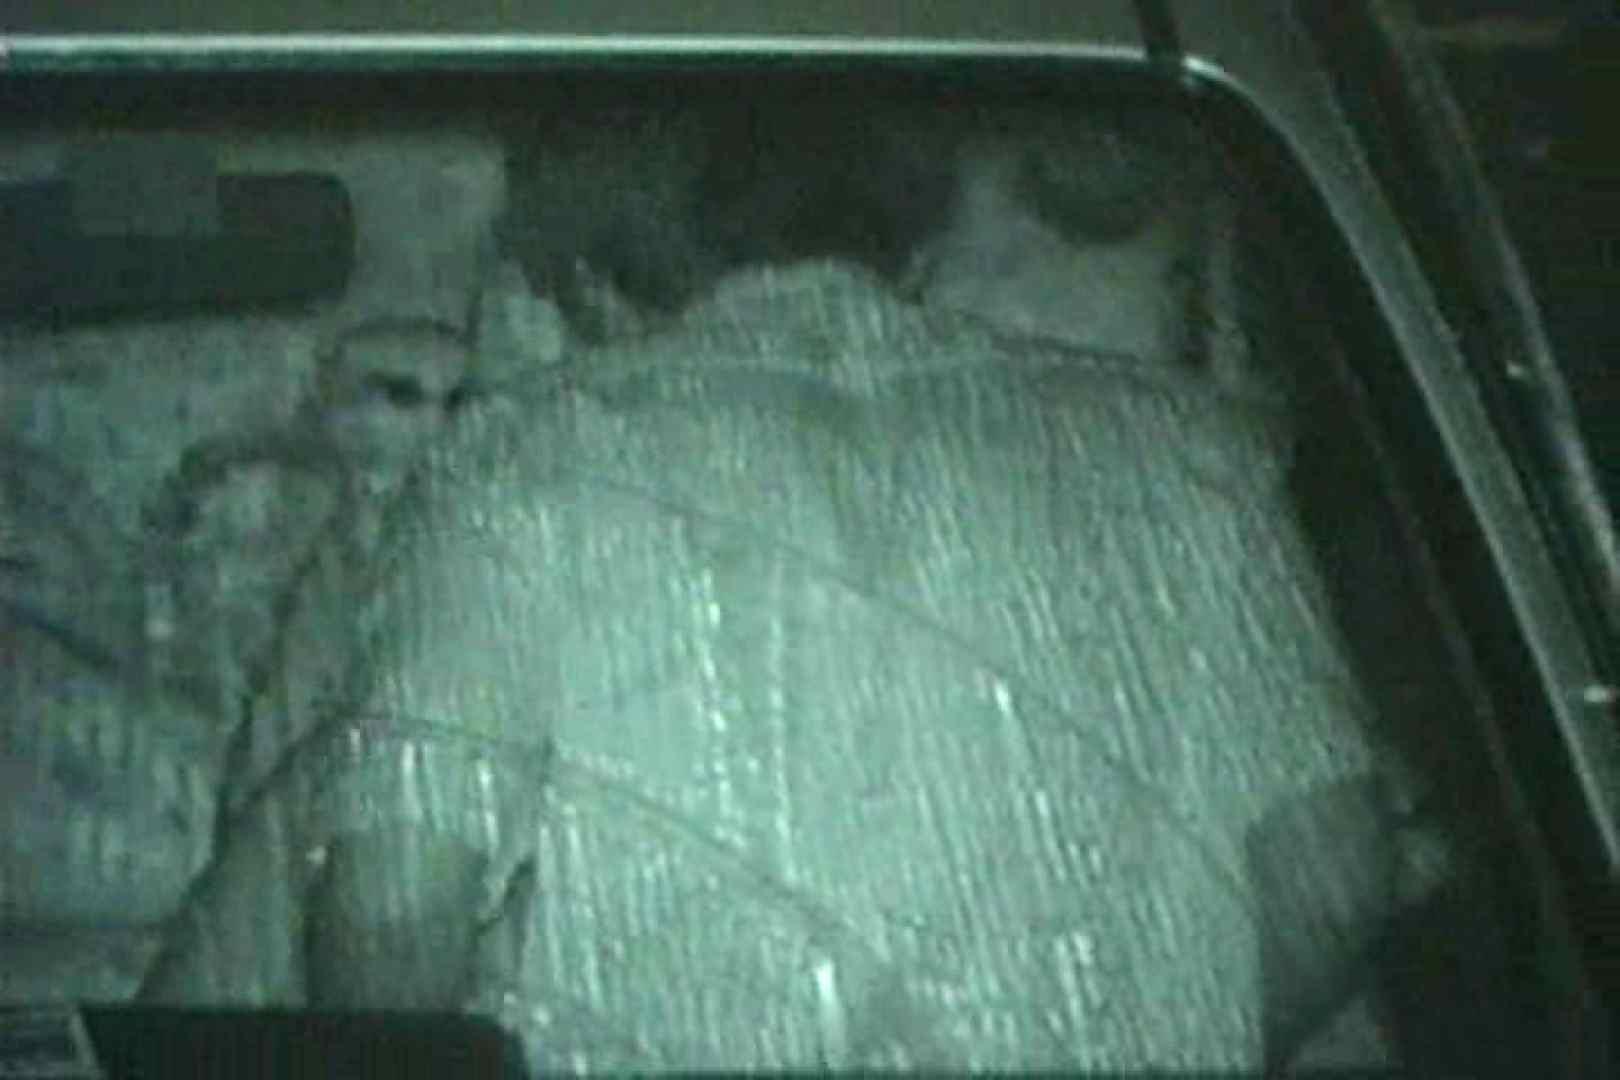 車の中はラブホテル 無修正版  Vol.24 車の中のカップル | ホテル  102画像 64